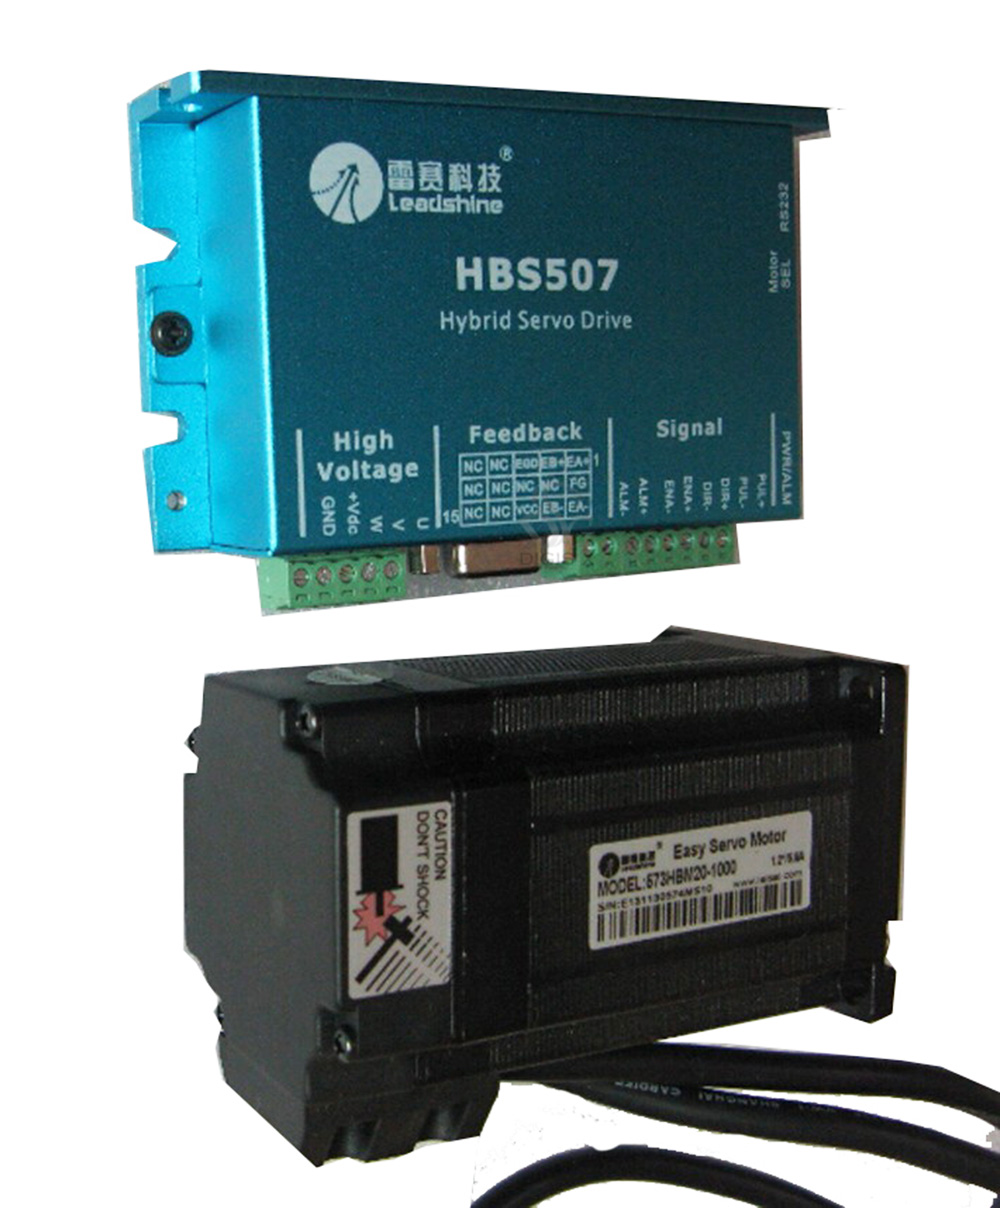 simple direct AC servo closed loop motor HBM20-1000 + 3-Phase Hybird servo Drive HBS507simple direct AC servo closed loop motor HBM20-1000 + 3-Phase Hybird servo Drive HBS507